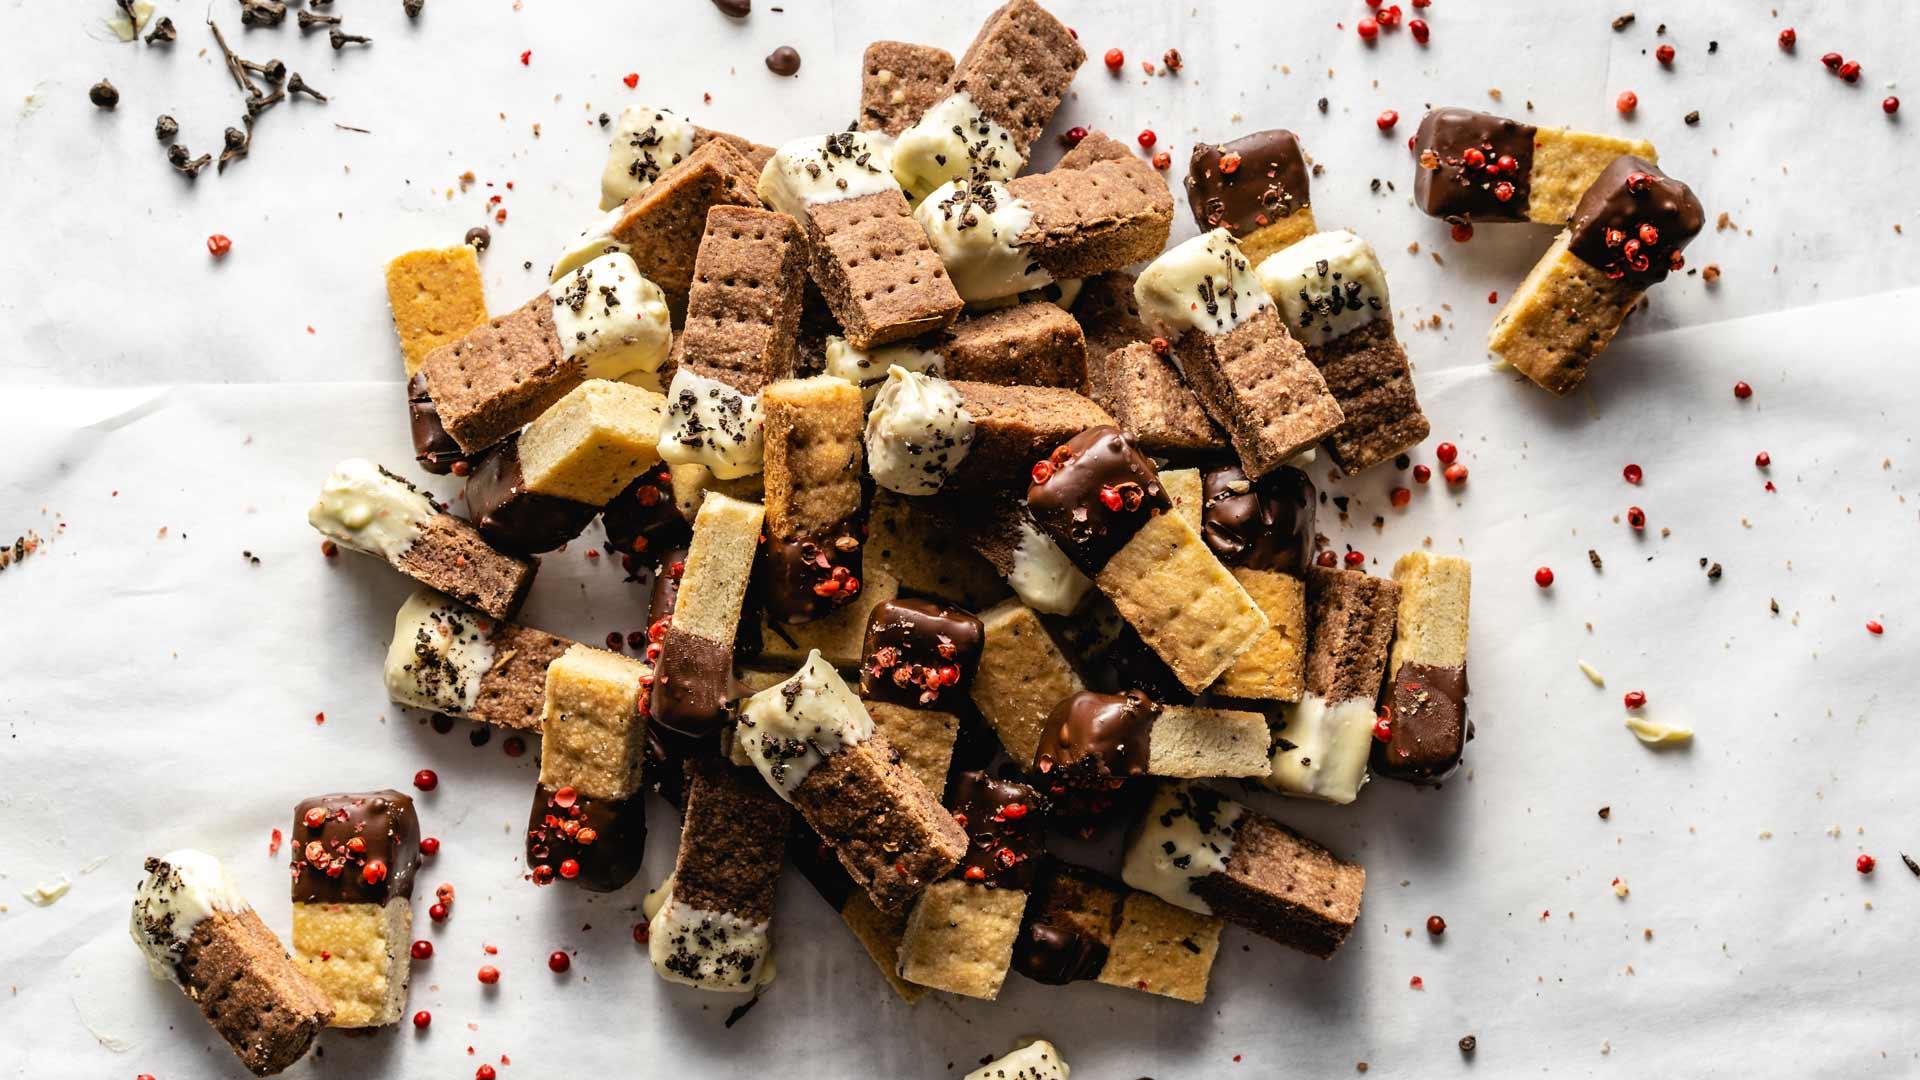 shortbread-mit-schokolade-zimtblueten-und-rosa-pfeffer-rimoco-16x9